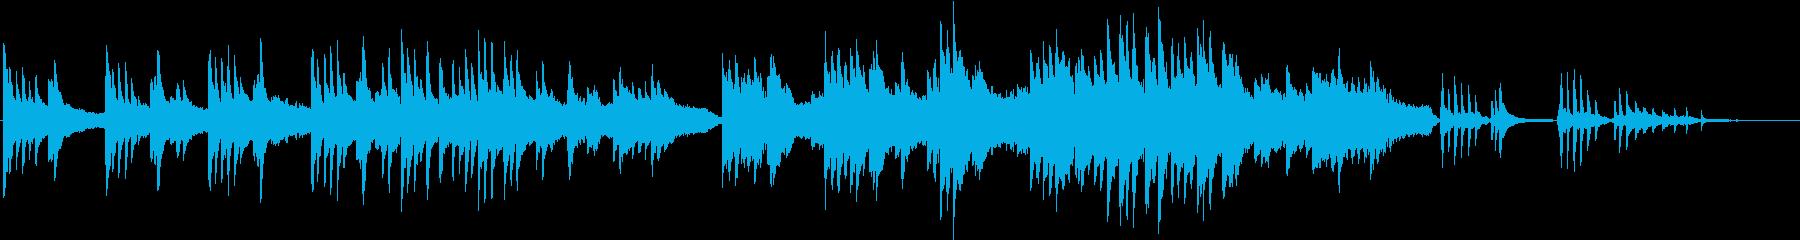 ピアノ、琴、ストリングスの和風バラードの再生済みの波形